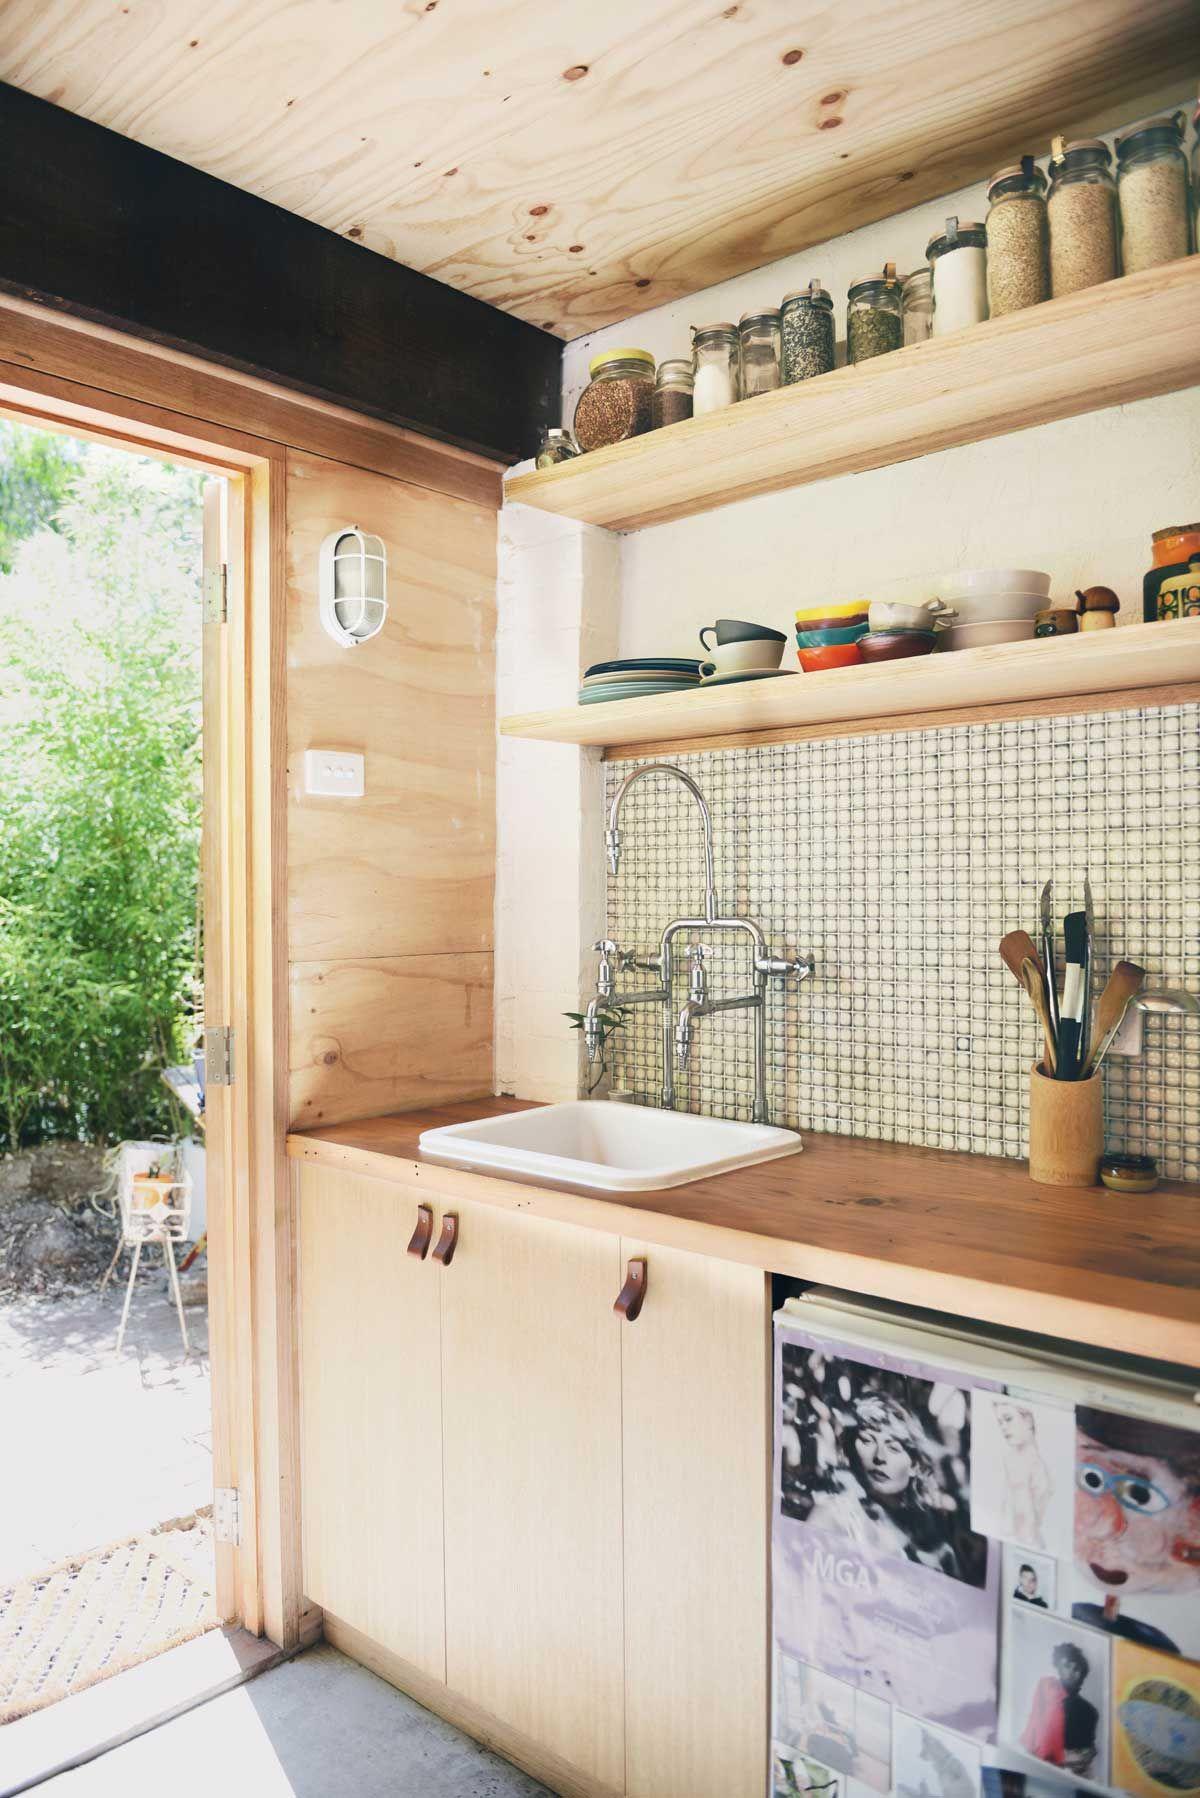 Küche interieur farbschemata hearth  wohnideen küche und farben